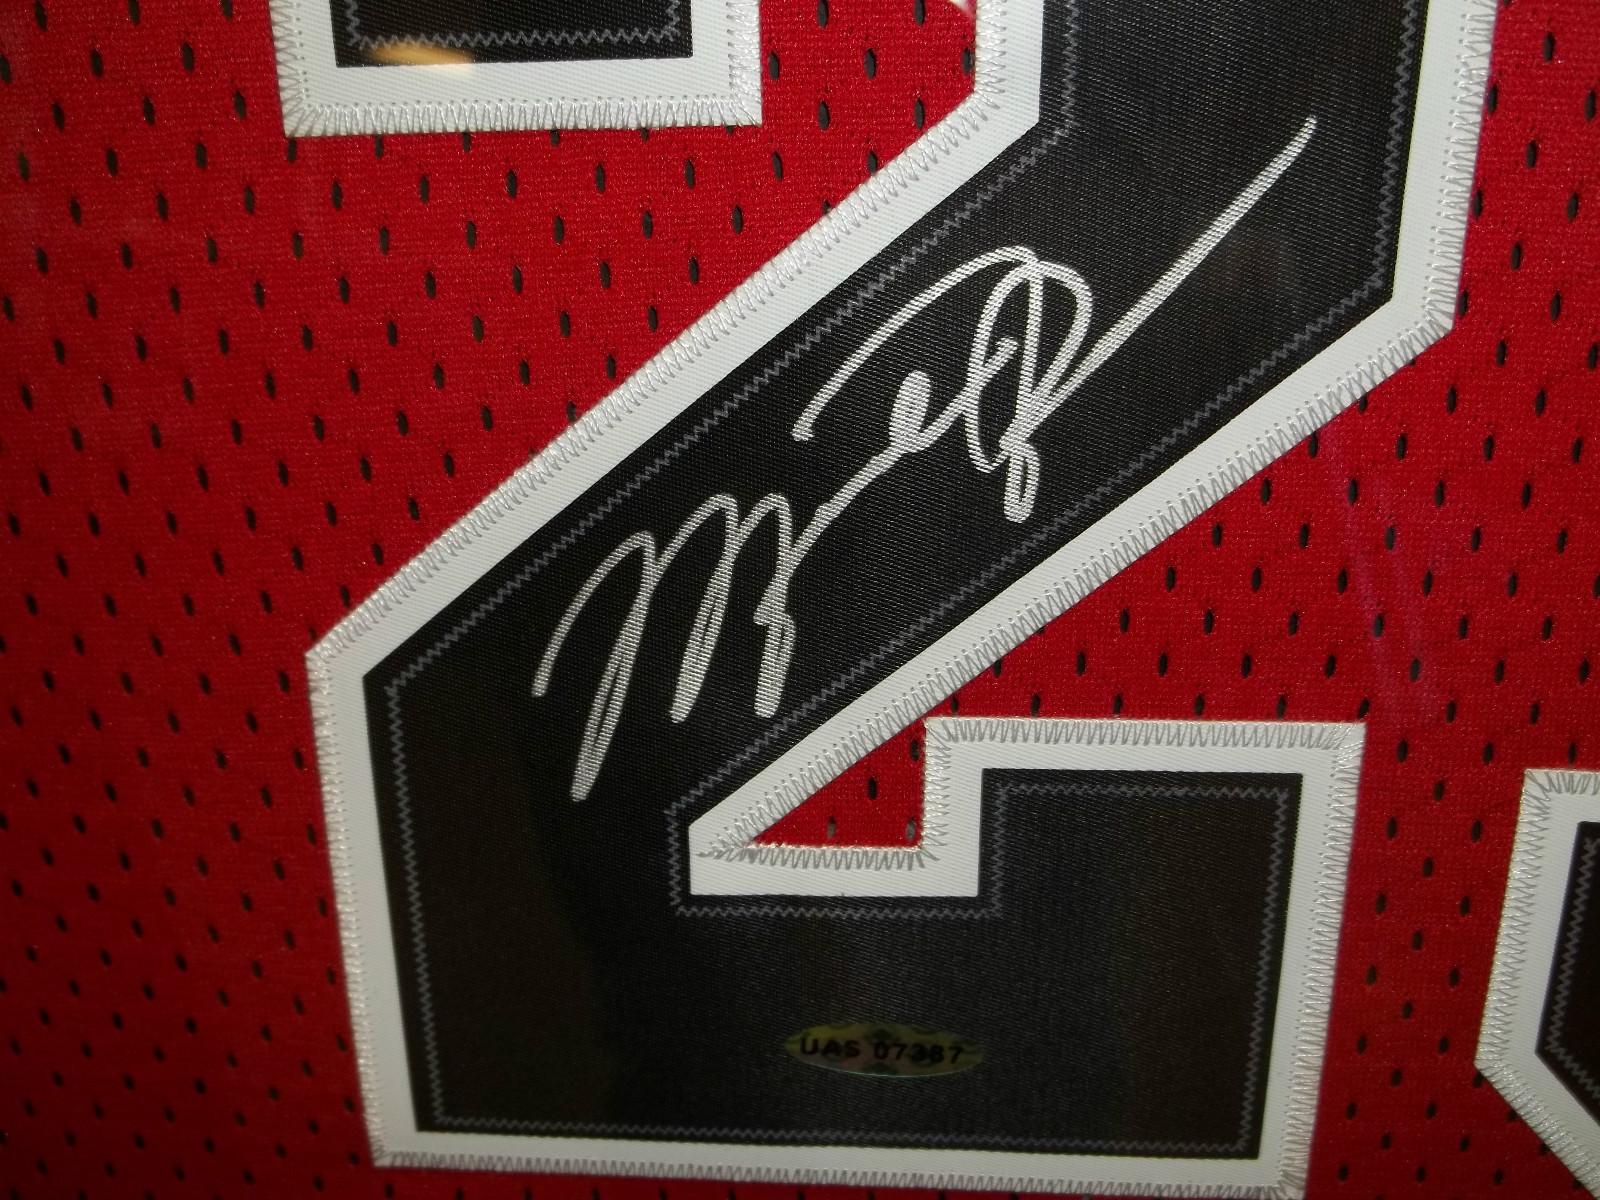 Michael Jordan Jersey Wallpaper - WallpaperSafari